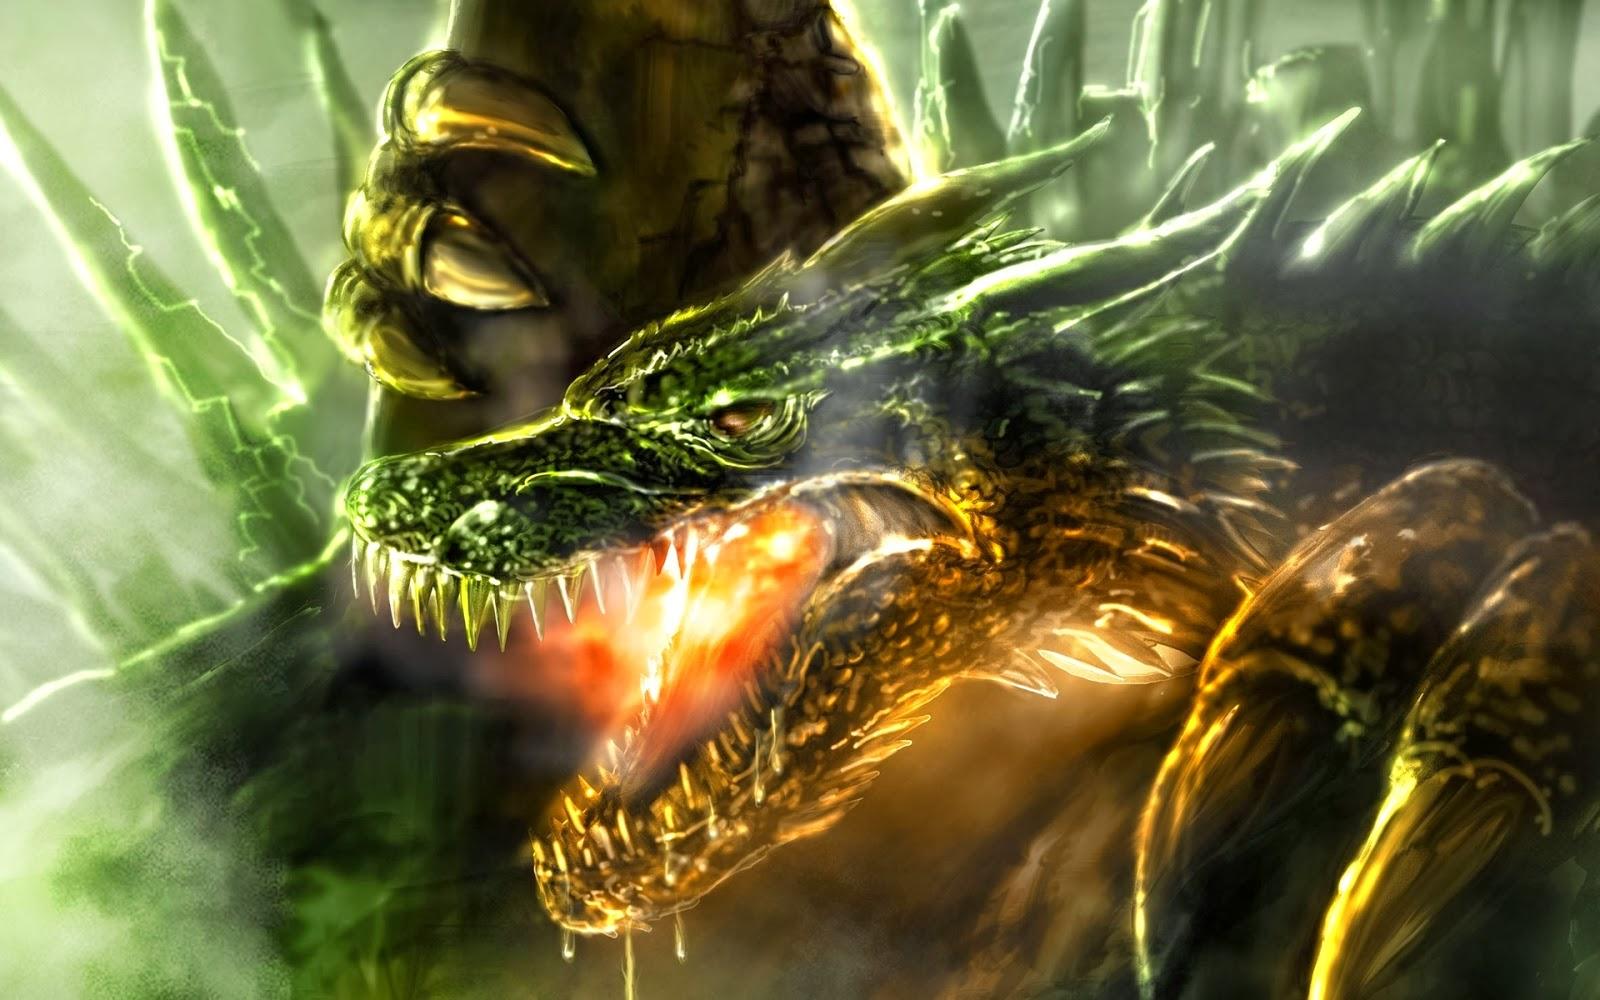 Wallpapers hd 32 fondos de pantalla de dragones for Imagenes full hd para fondo de pantalla